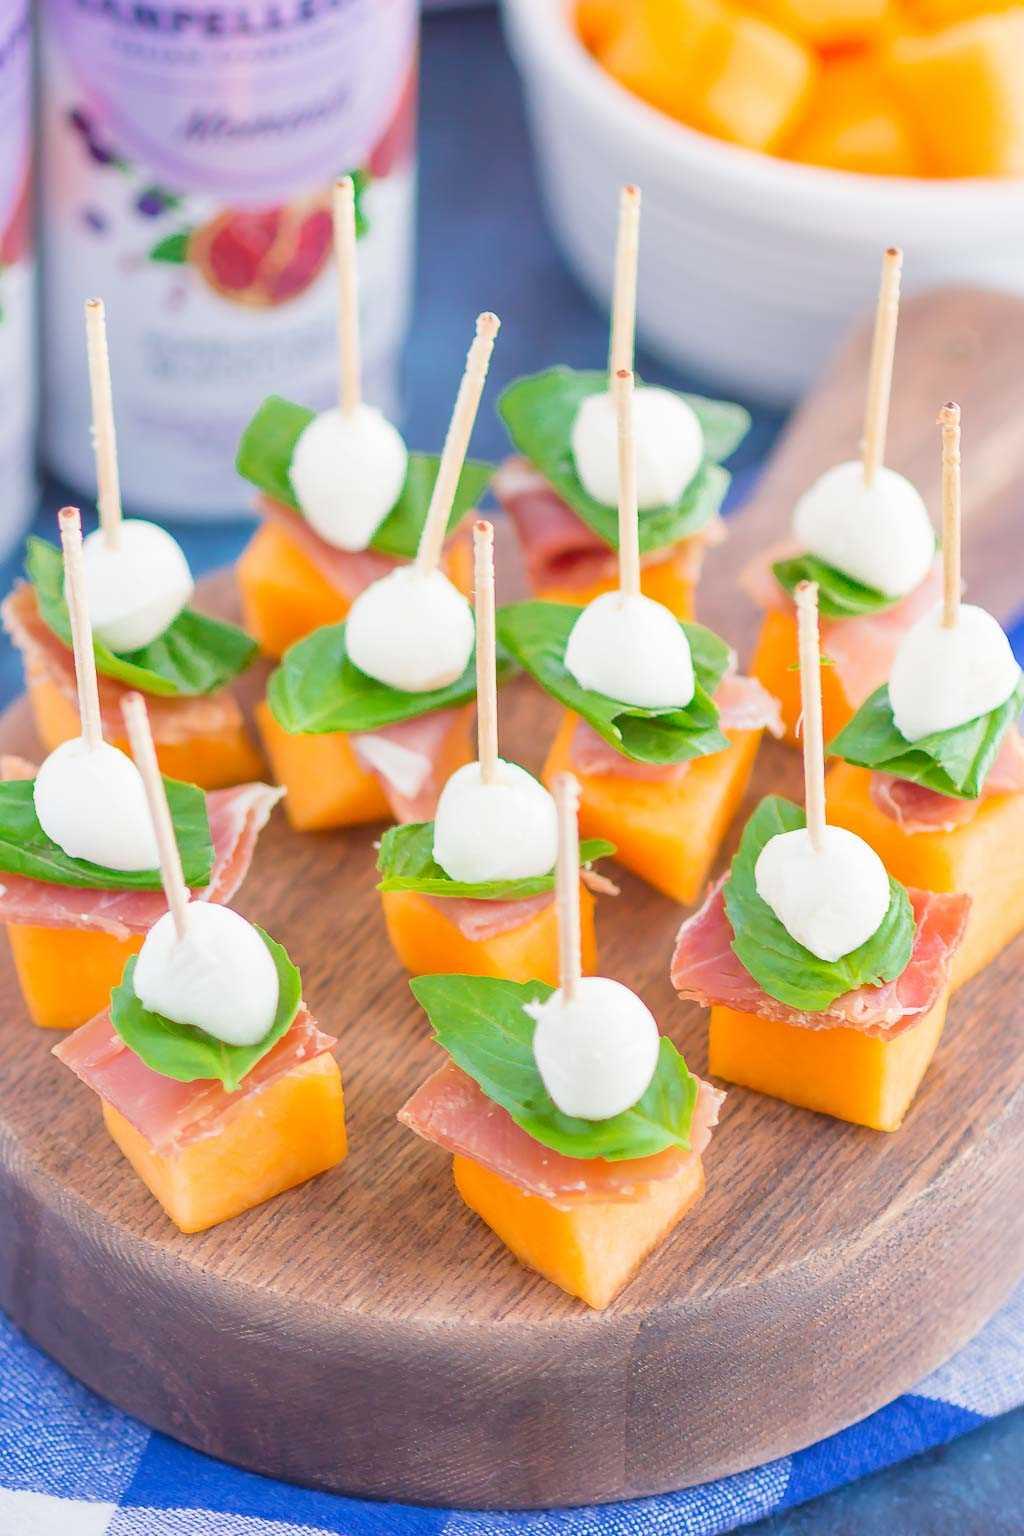 Prosciutto Melon Bites es un aperitivo simple, dulce y salado que es perfecto para cualquier momento. El prosciutto salado y el melón dulce se combinan con mozzarella fresca y albahaca para crear una combinación hecha en el paraíso de la comida. ¡Fácil de preparar y listo en poco tiempo, a todos les encantarán estos sabrosos bocados! #prosciuttobites #melonbites #prosciuttomelon #prosciuttoappetizer